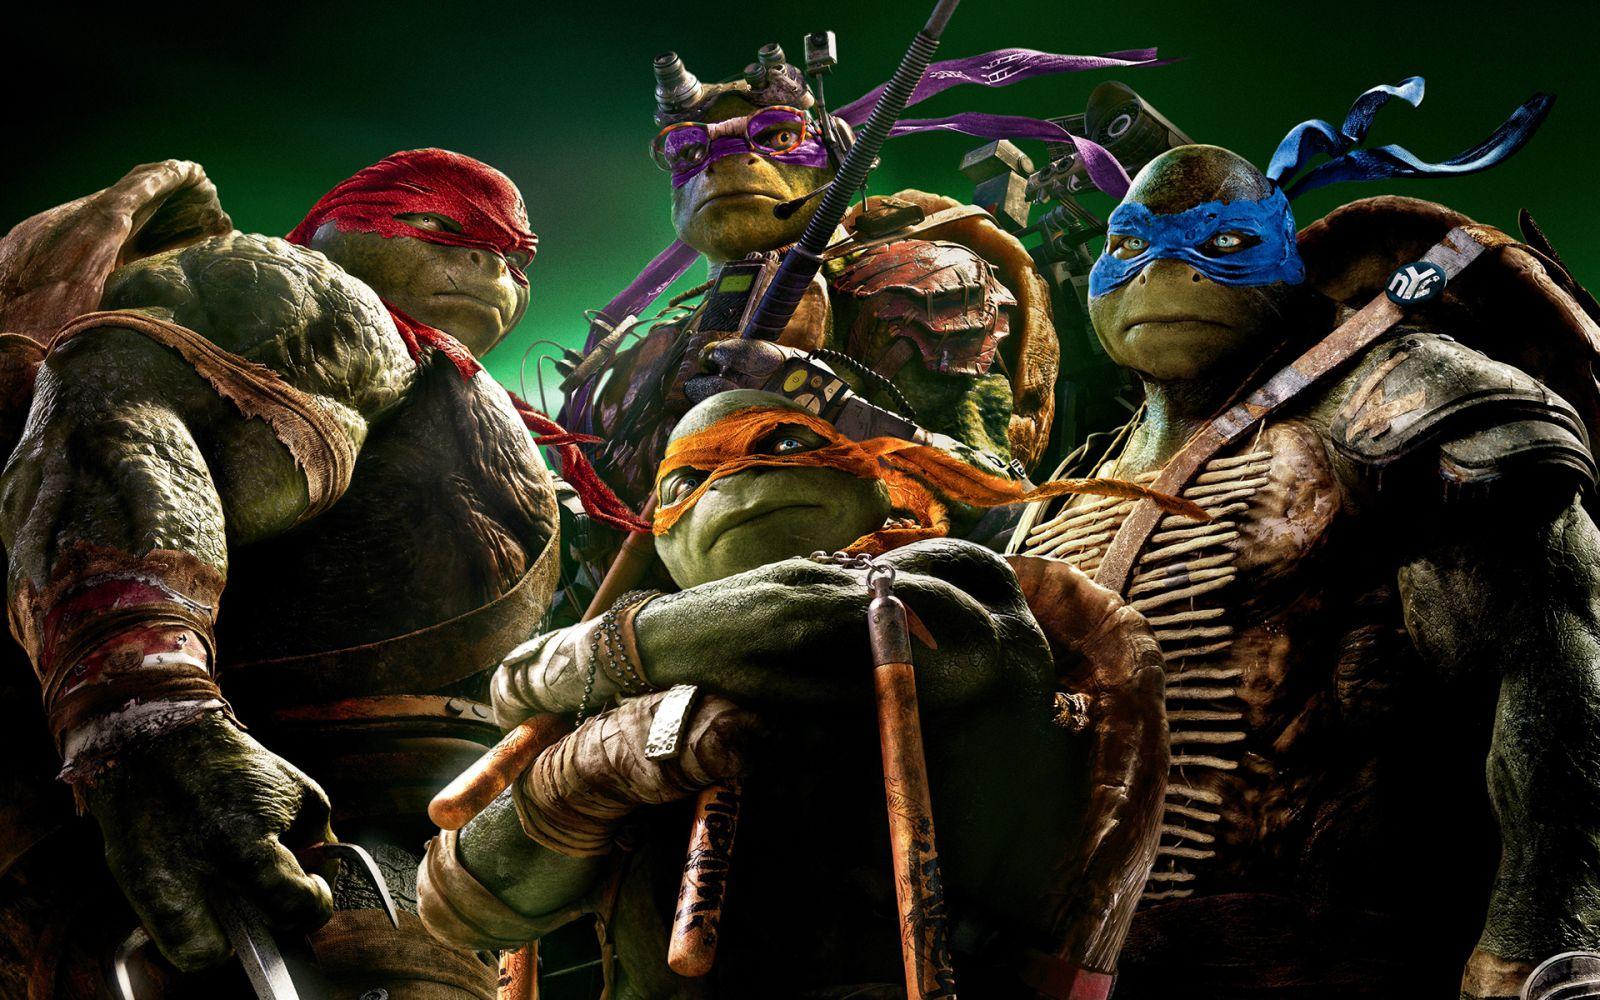 Teenage Mutant Ninja Turtles circa 2014